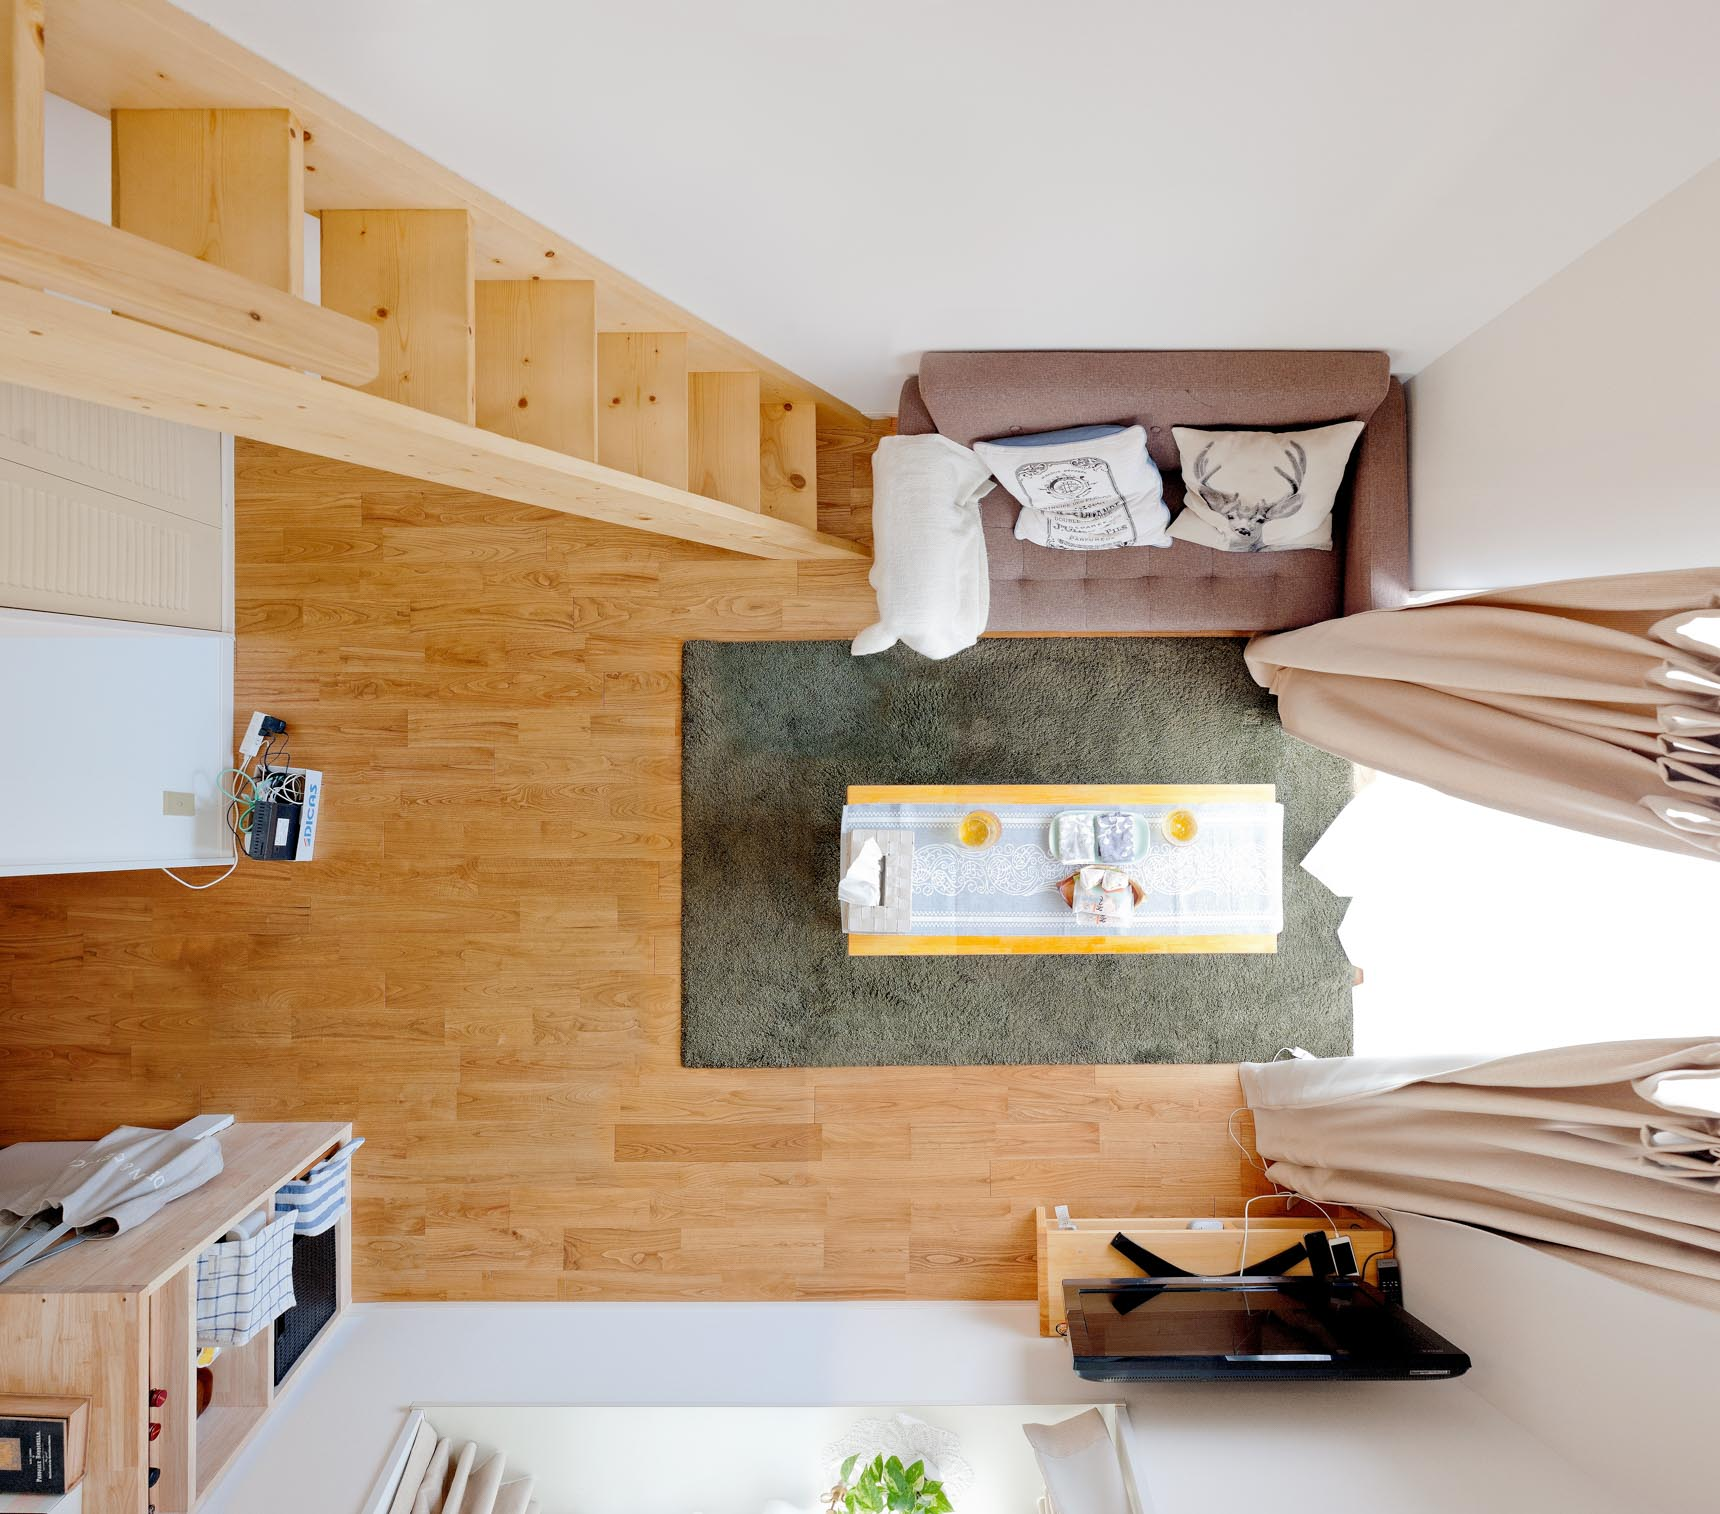 天井の高いロフトつきワンルームをメゾネットのように使っています。